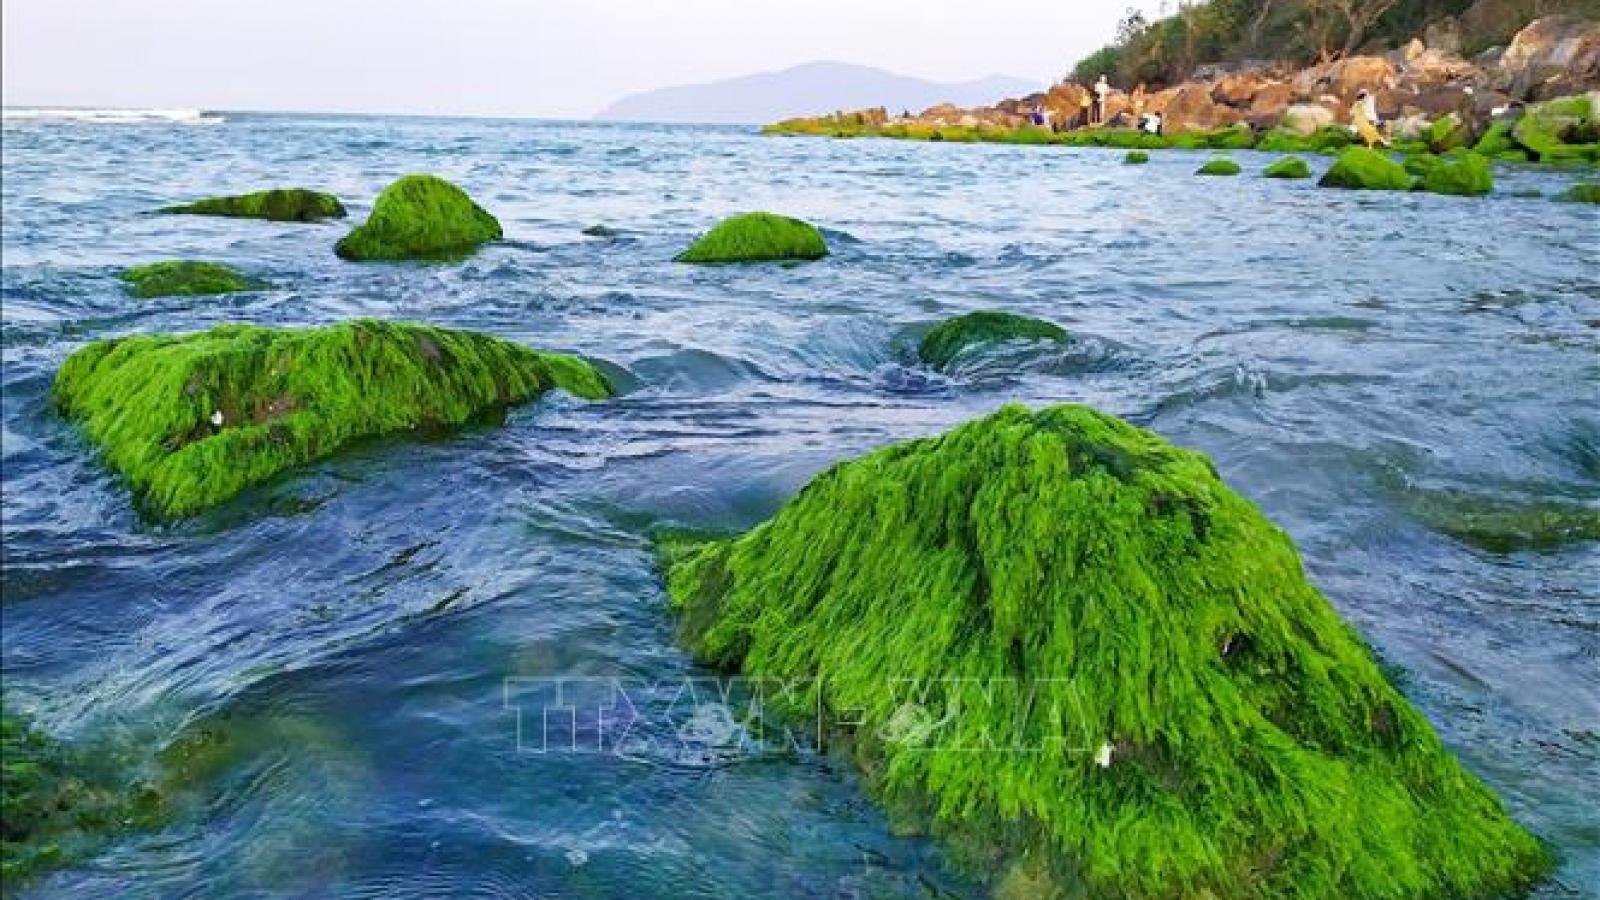 Đẹp ngỡ ngàng mùa rêu xanh mướt tại rạn Nam Ô, Đà Nẵng